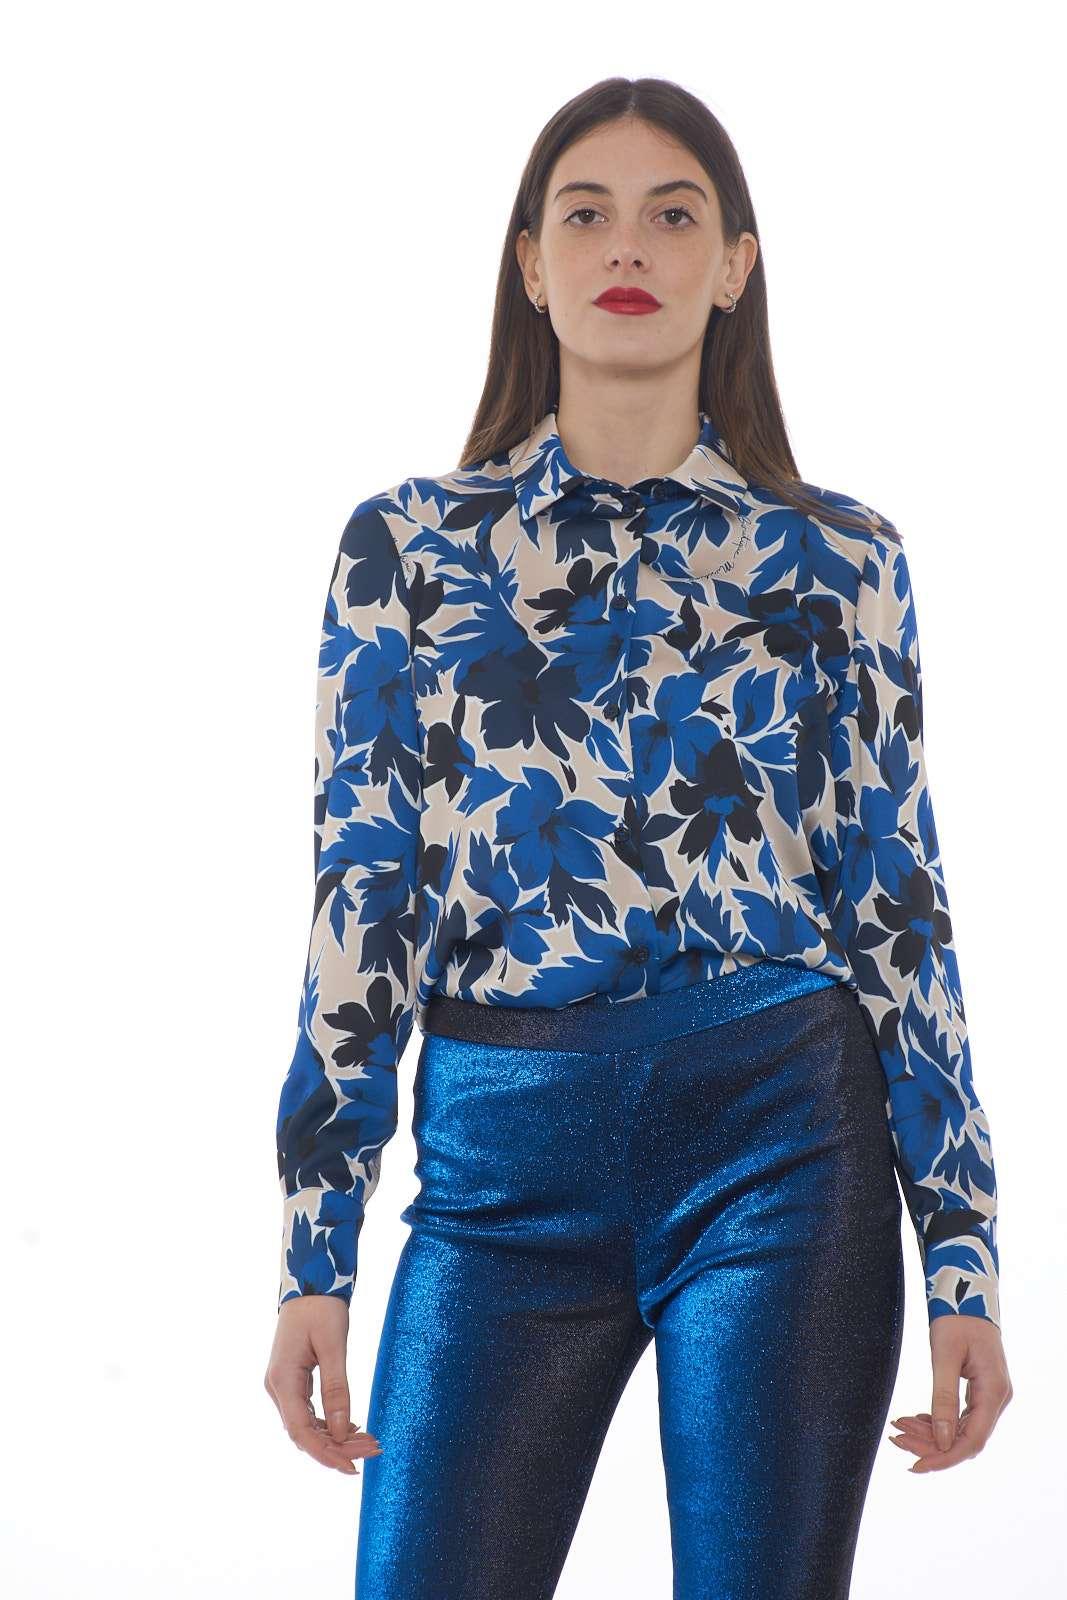 Una camicia dallo stile classico quella proposta dalla collezione donna Moschino Boutique. La vestibilità morbida è delineata da una delicata fantasia floreale con i loghi del brand. Da abbinare ad un tailleur o ad un paio di jeans, è un capo essential perfetto per vestire ogni look.